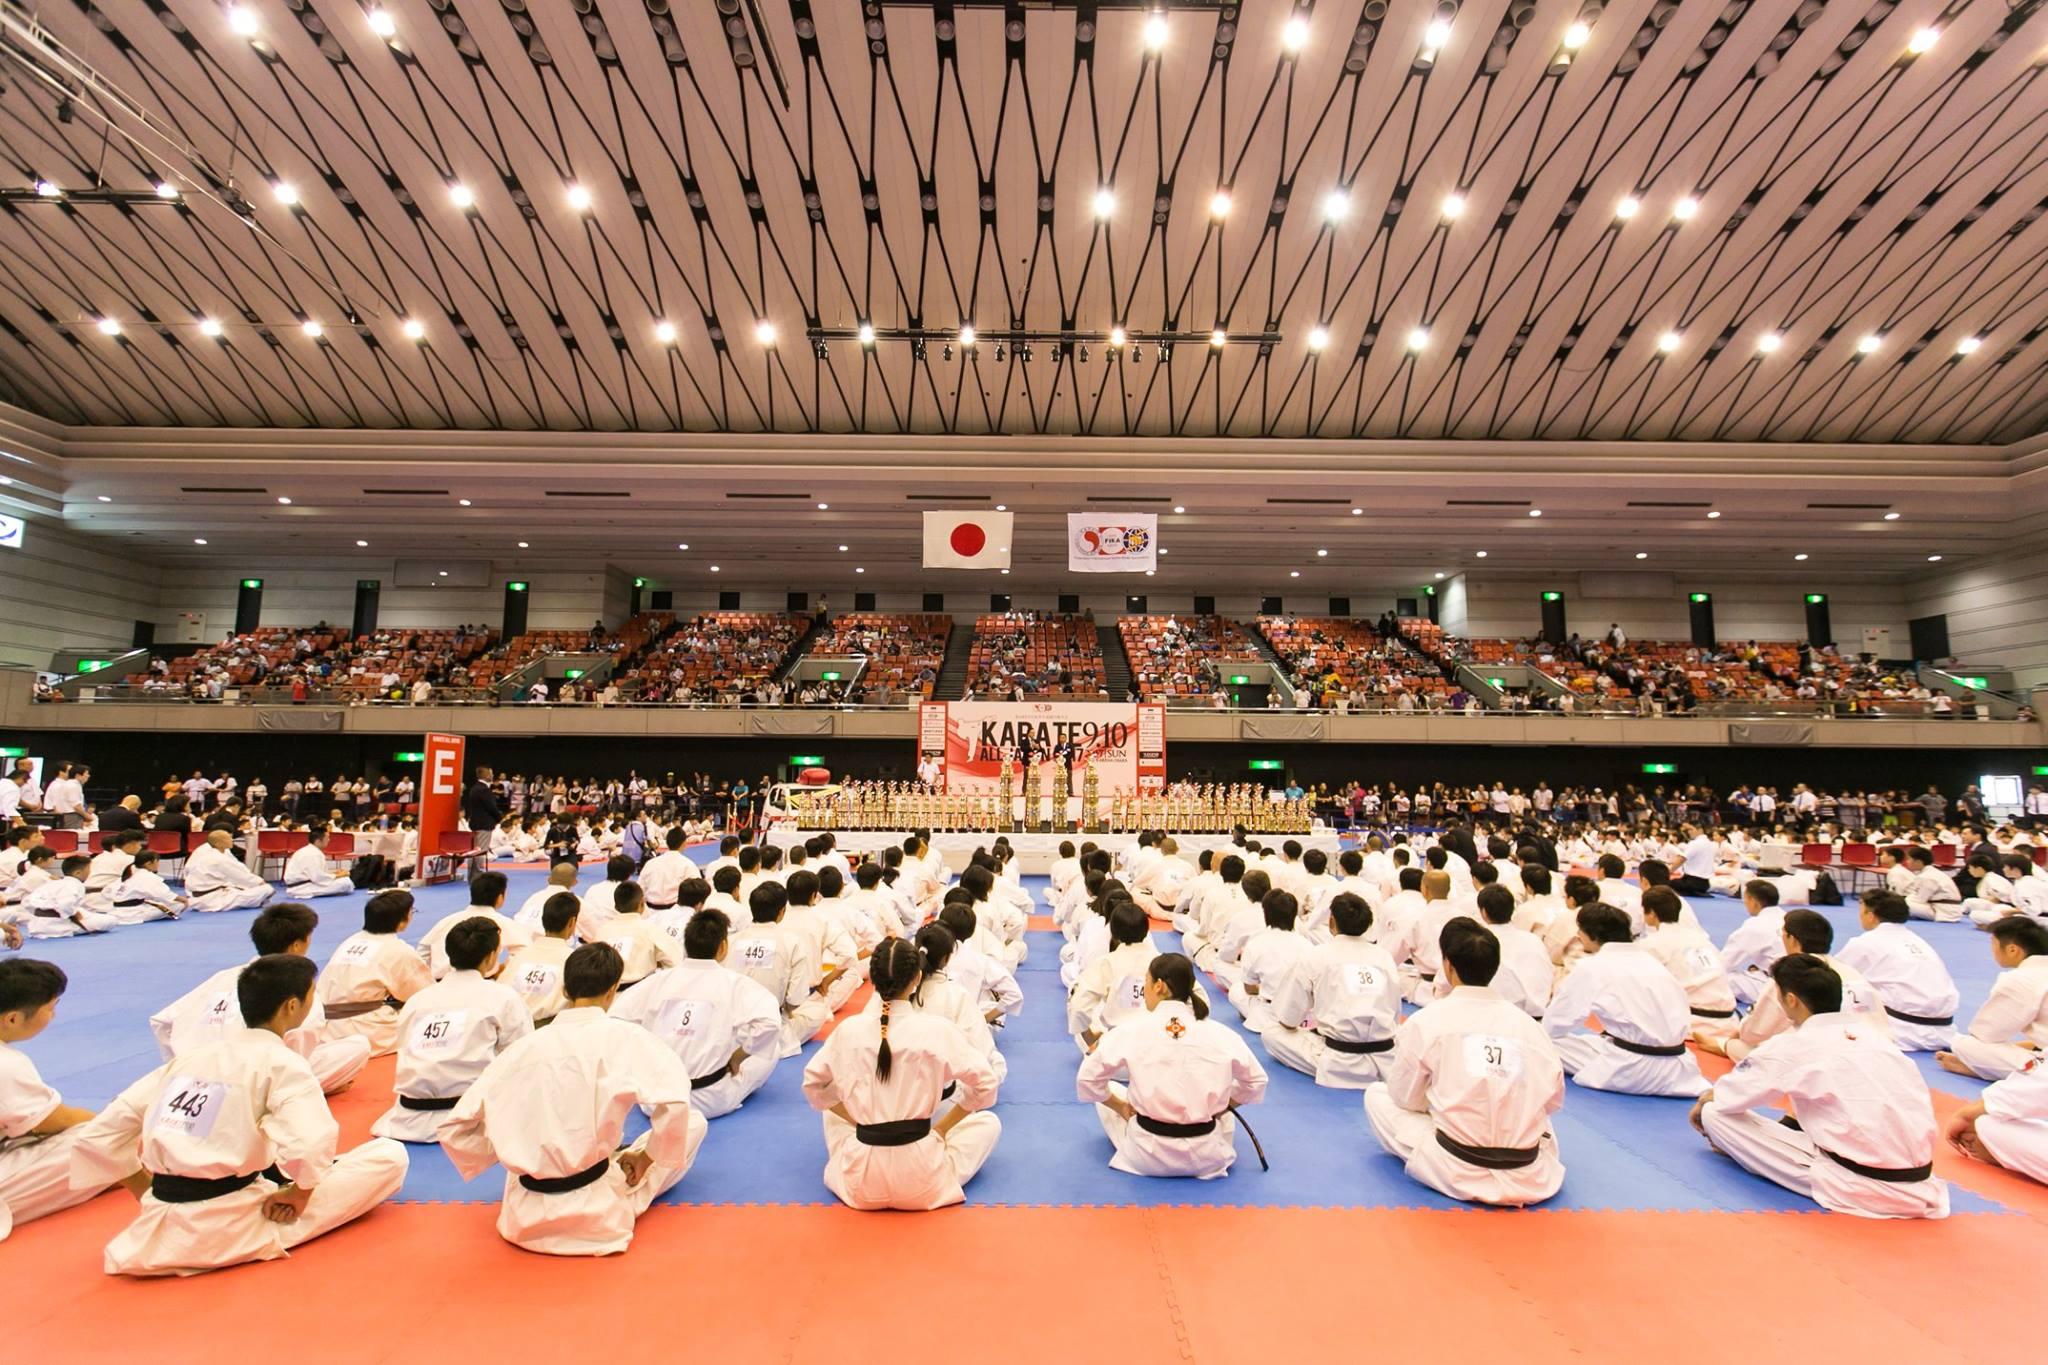 KARATE ALL JAPAN2018詳細はここをチェック!|7/31(水)深夜0時まで